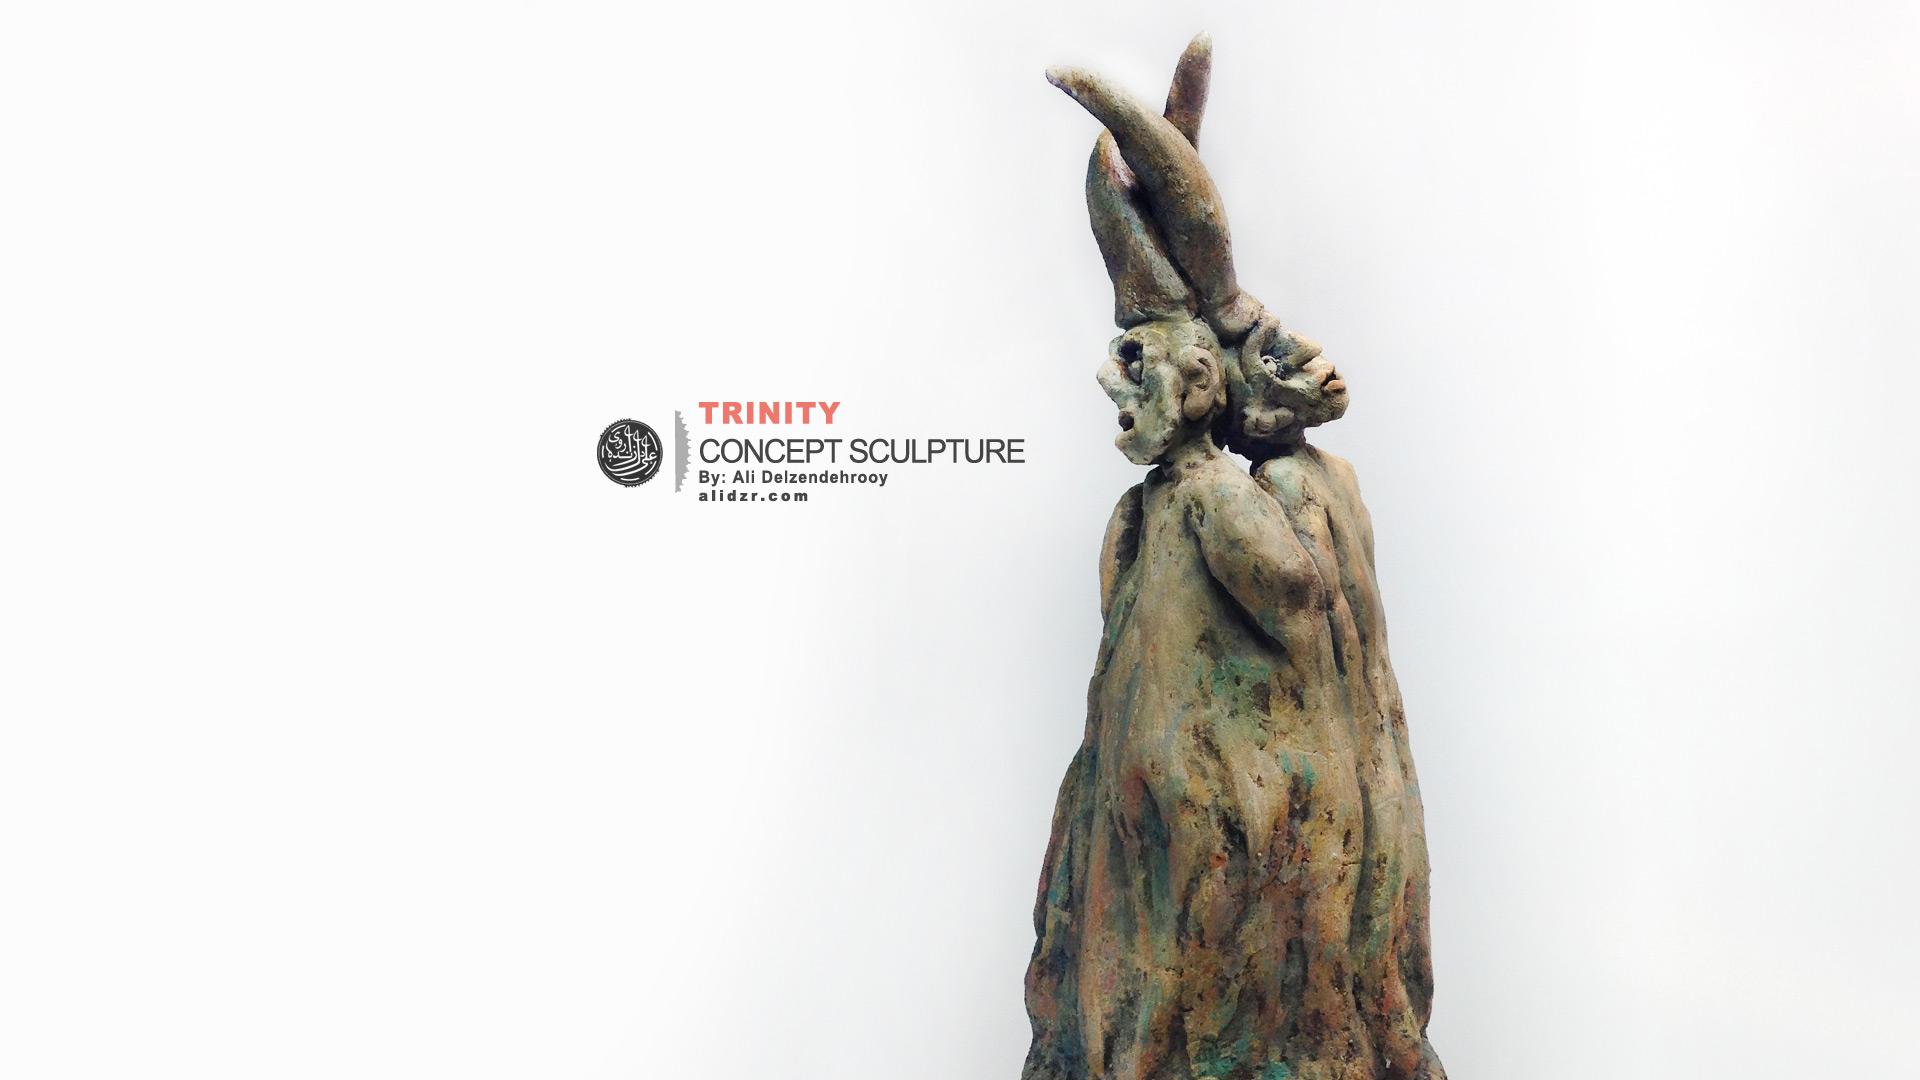 Trinity Ali Delzendehrooy